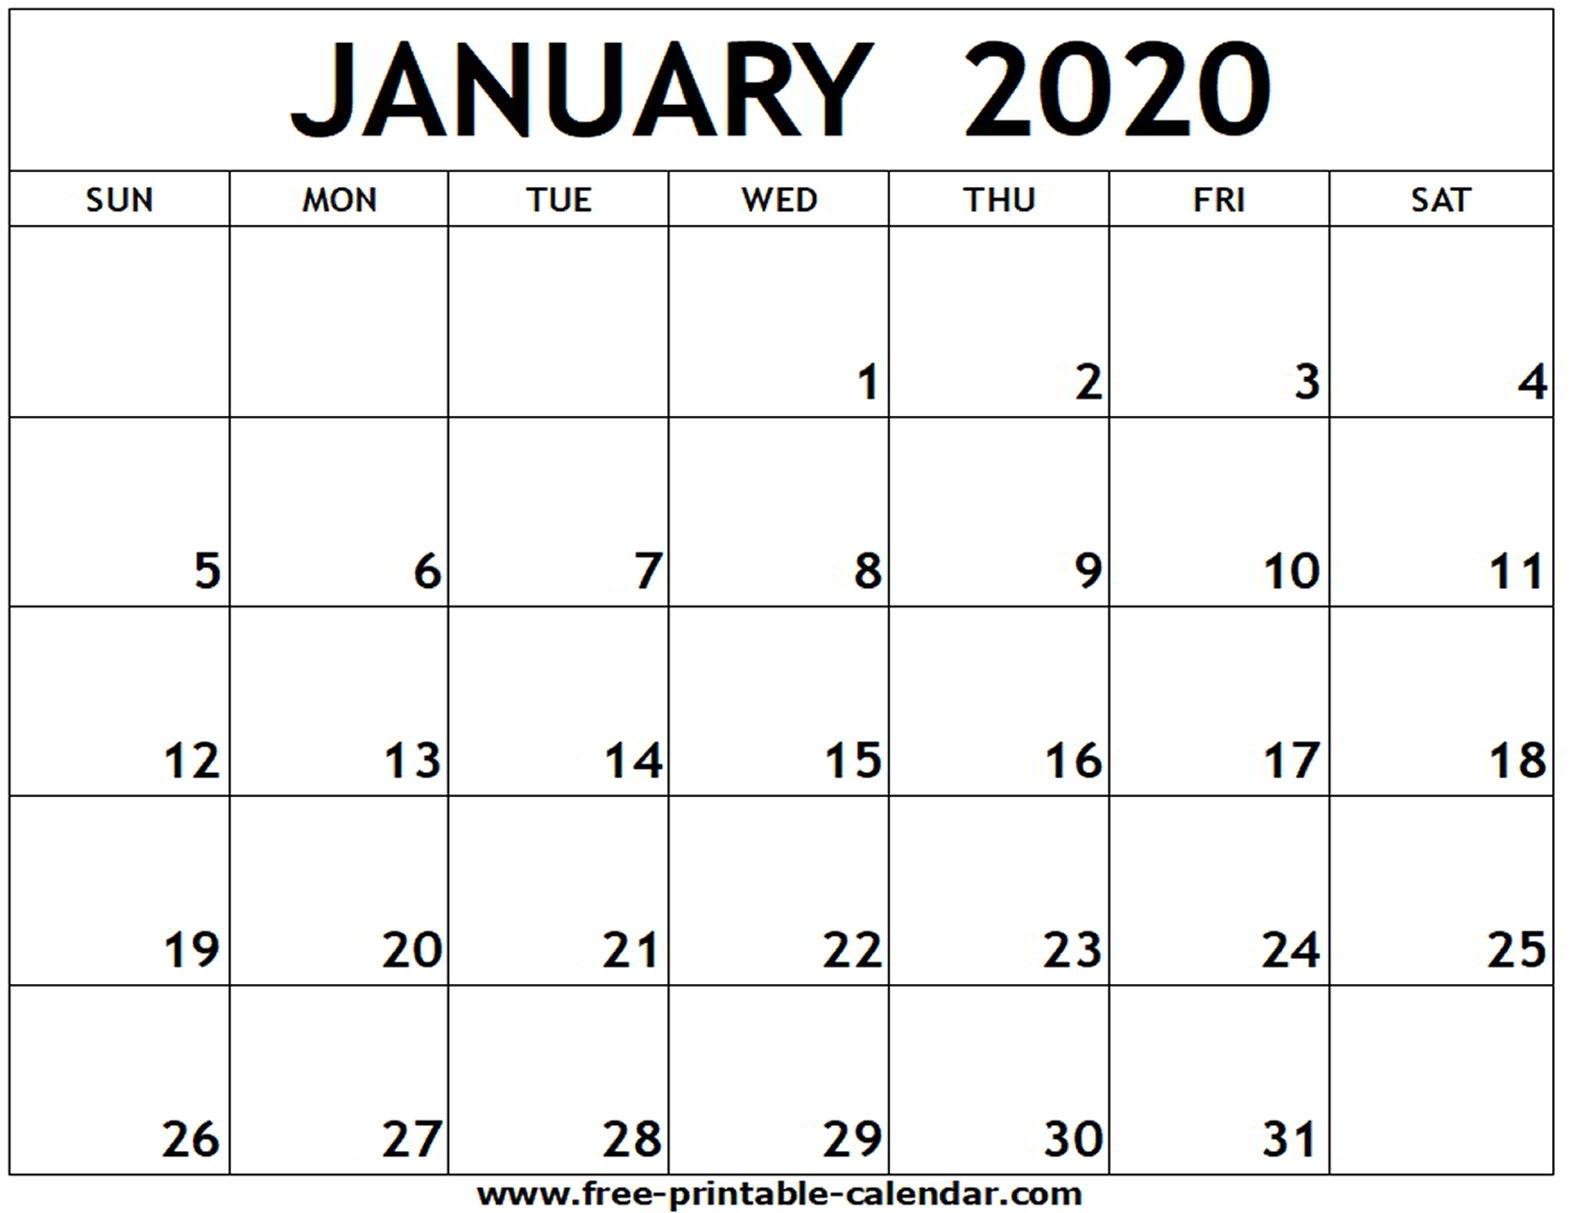 January 2020 Printable Calendar - Free-Printable-Calendar inside 2020 Printable Fill In Calendar